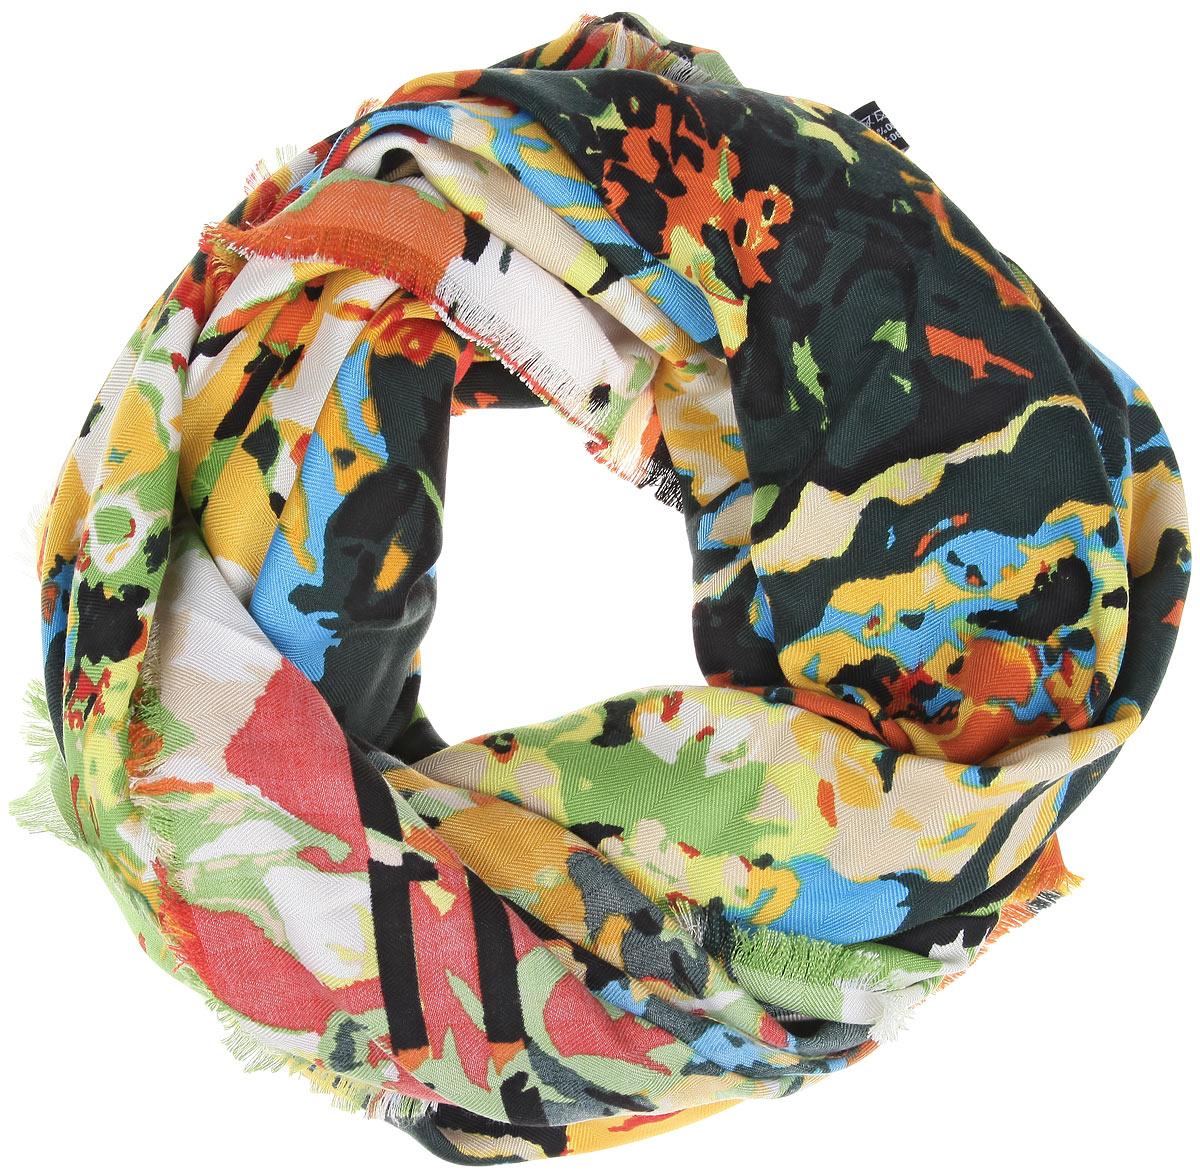 ПлатокBH-11527-9Платок Sophie Ramage, выполненный из модала с добавлением кашемира, идеально дополнит образ современной женщины. Благодаря своему составу, он удивительно мягкий и очень приятный на ощупь. Модель оформлена ярким принтом, а по краям декорирована бахромой. Классическая квадратная форма позволяет носить платок на шее, украшать им прическу или декорировать сумочку. С этим платком вы всегда будете выглядеть женственной и привлекательной.